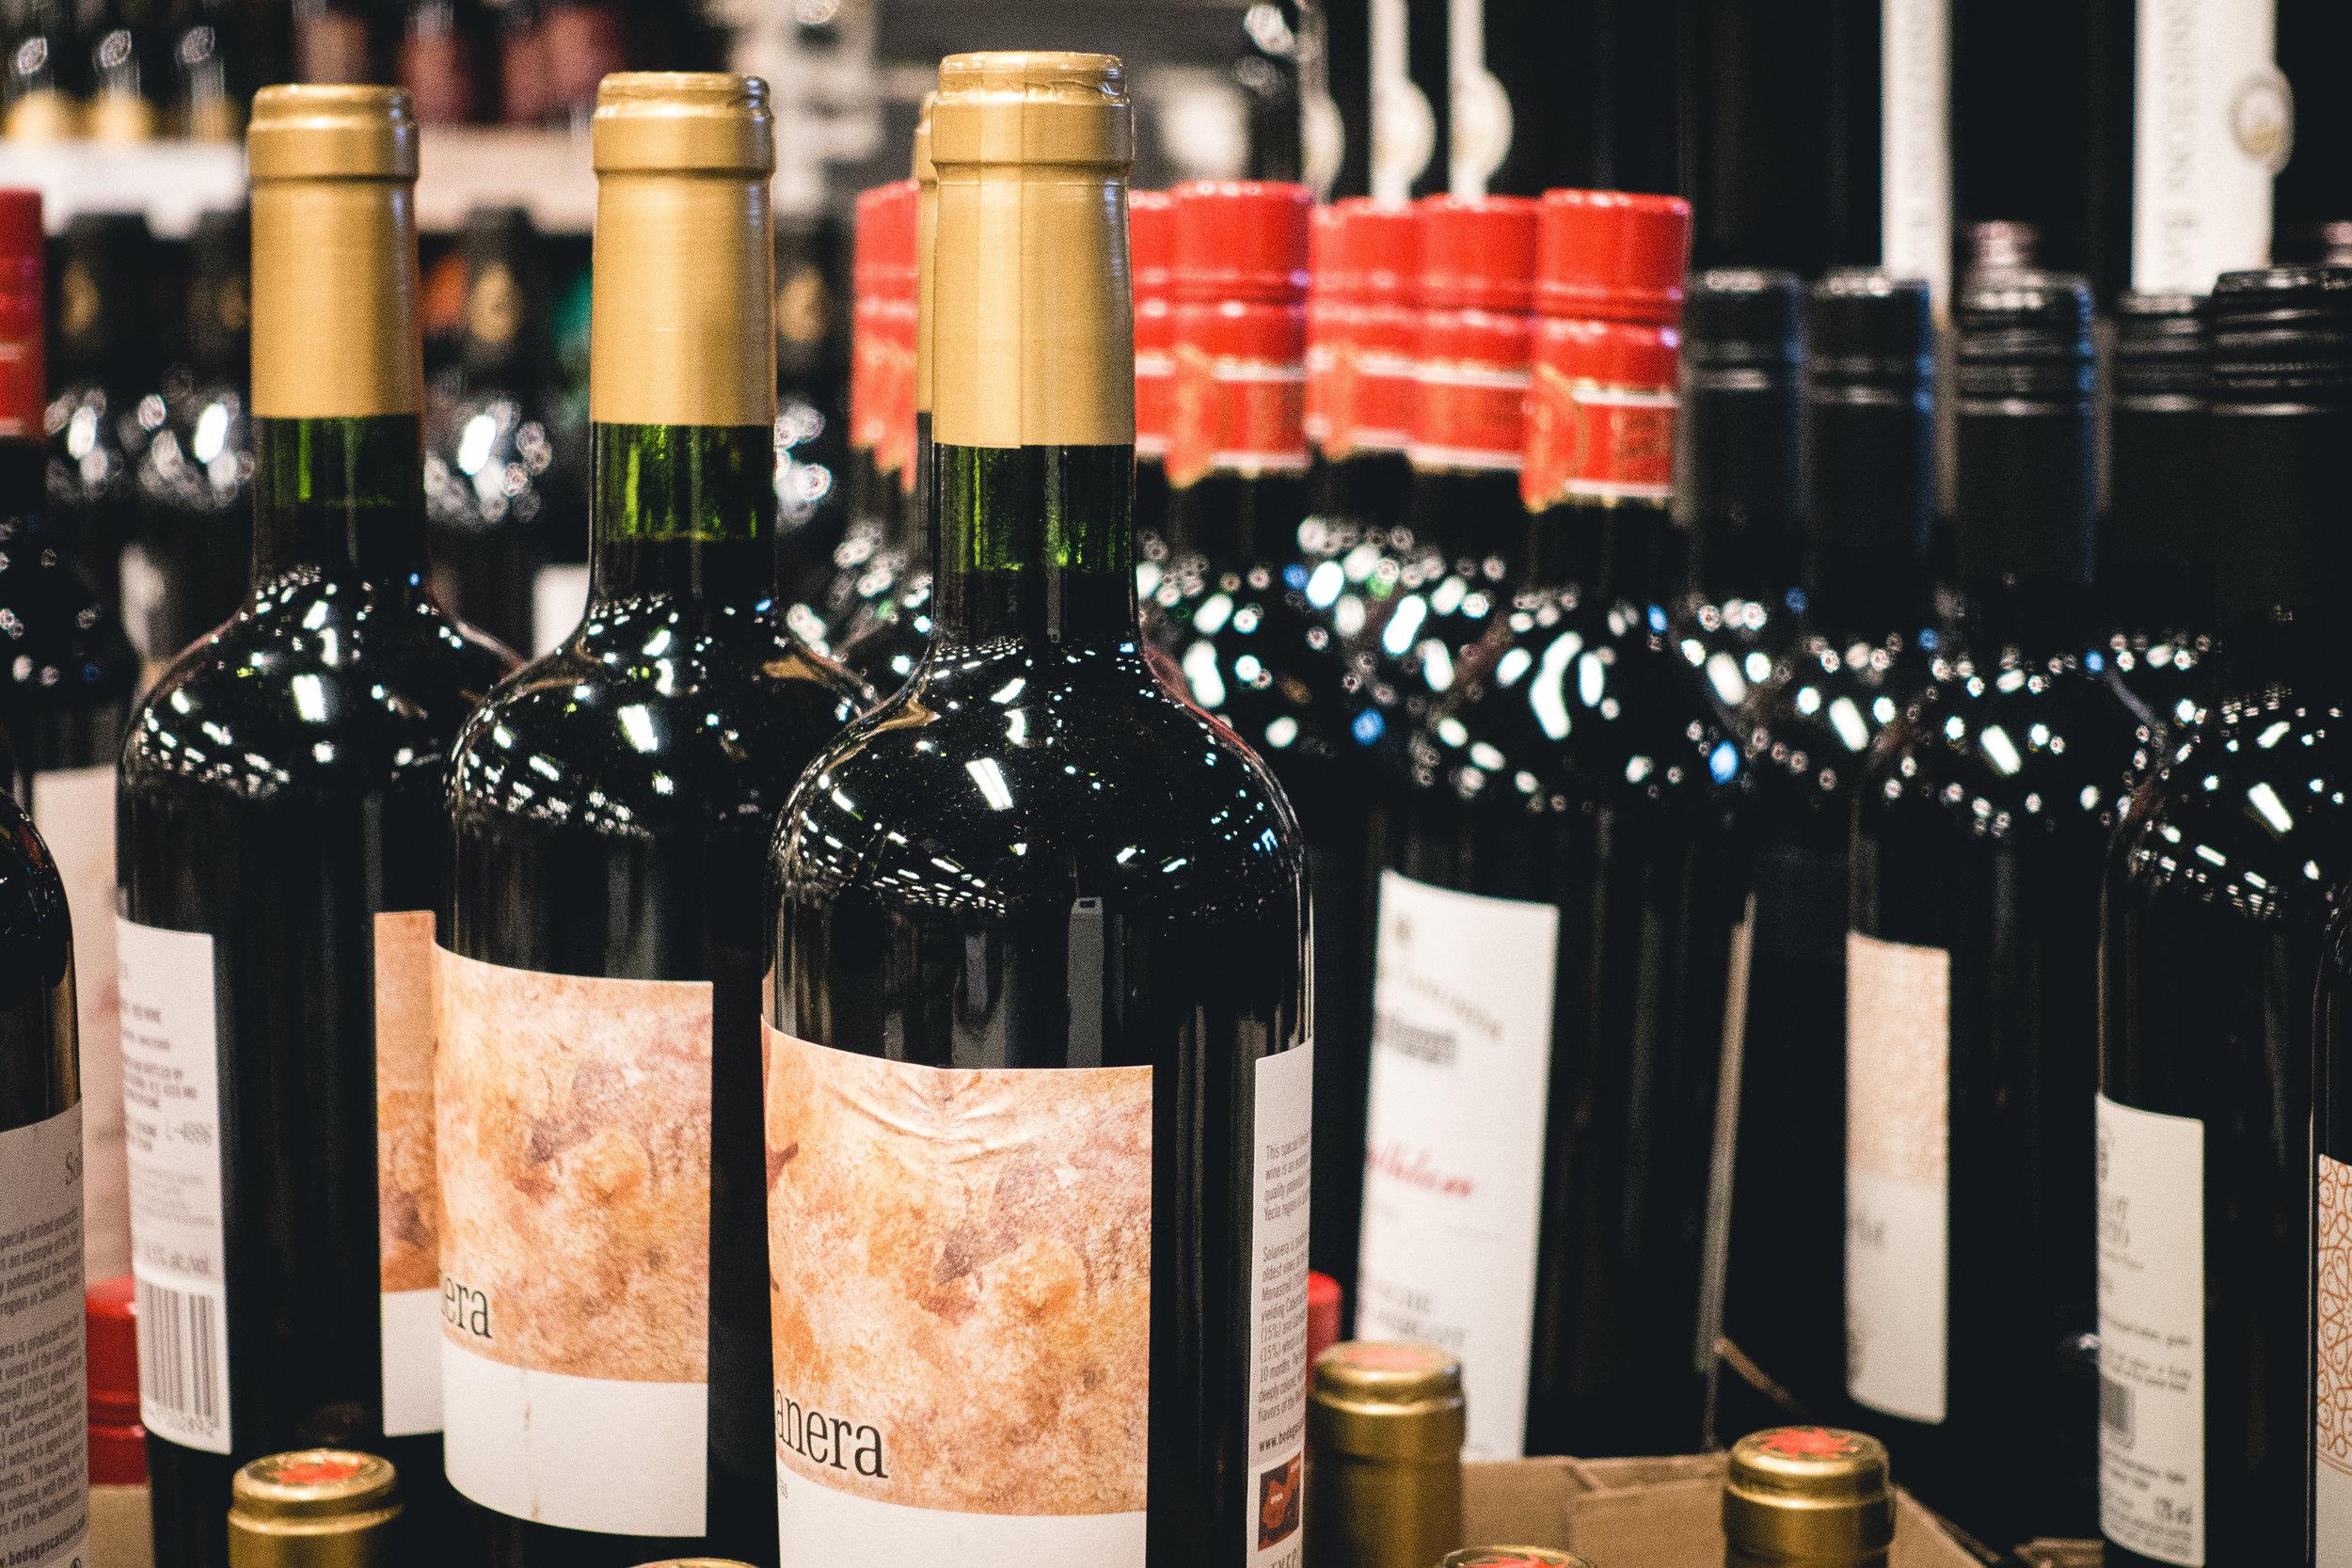 foodiesfeed.com_bottles-of-red-wine.jpg